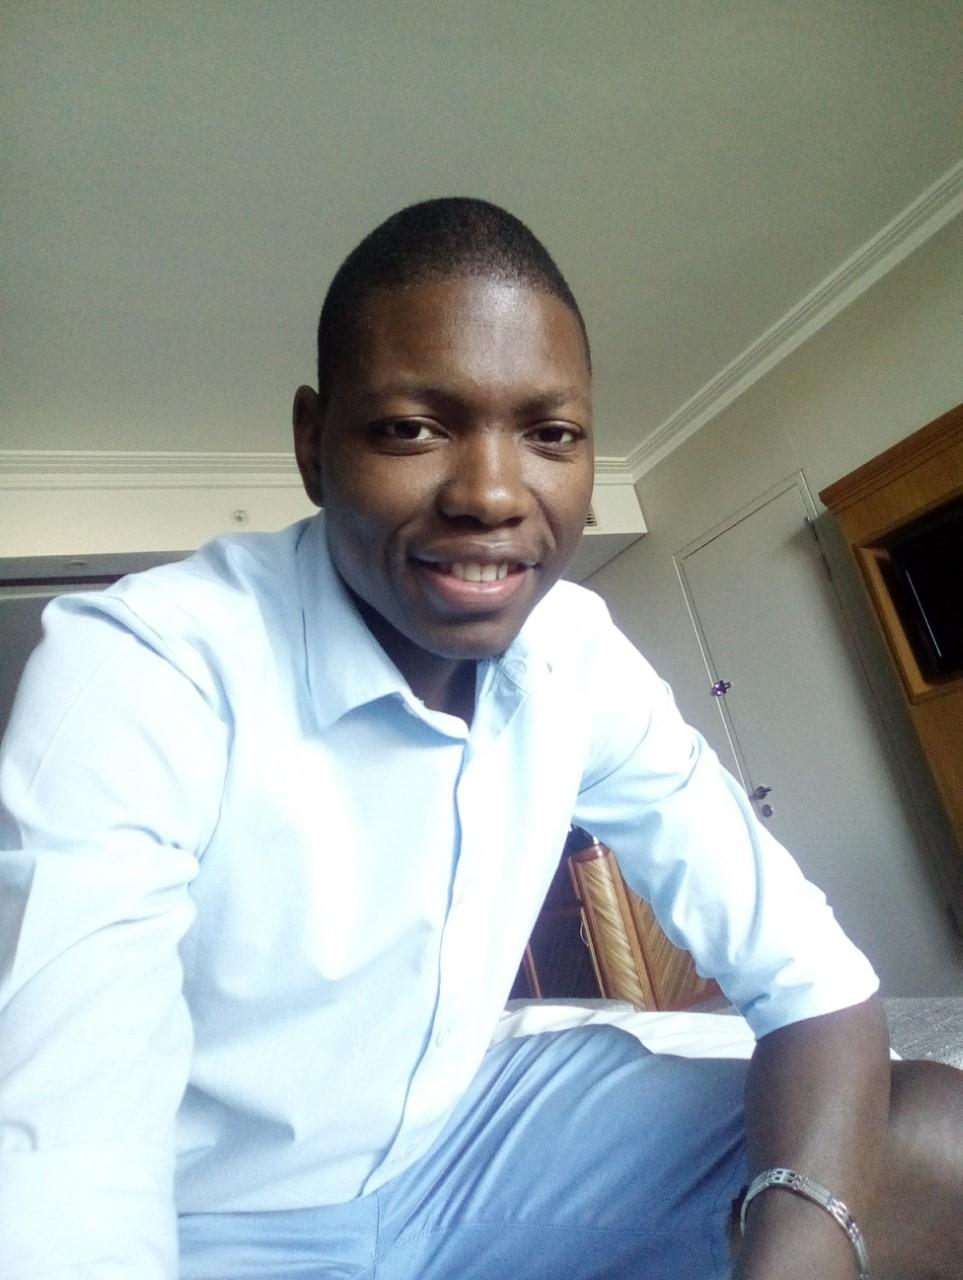 Sizwe Mhlongo